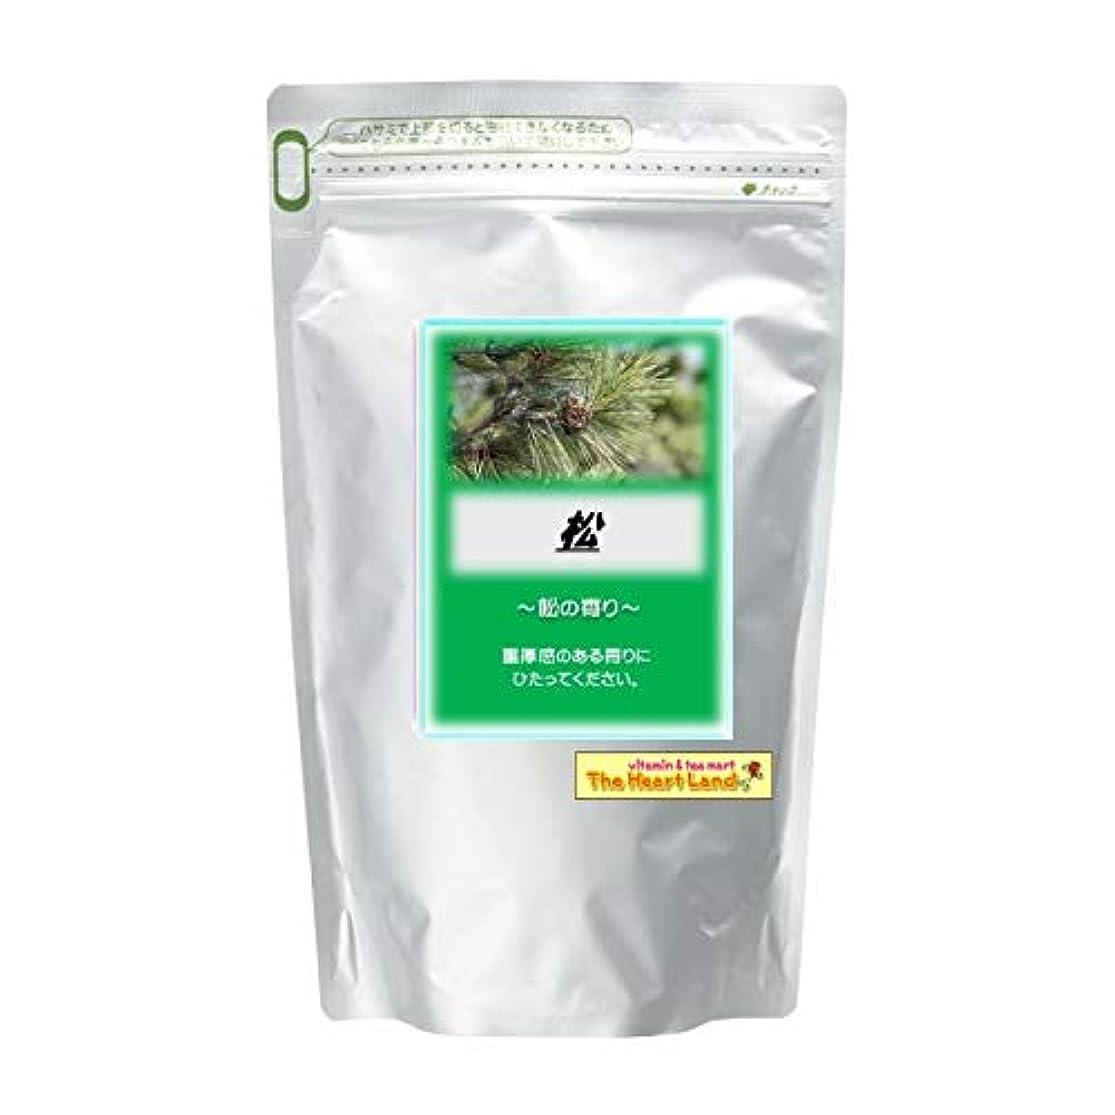 権限を与える配送ニコチンアサヒ入浴剤 浴用入浴化粧品 松 2.5kg